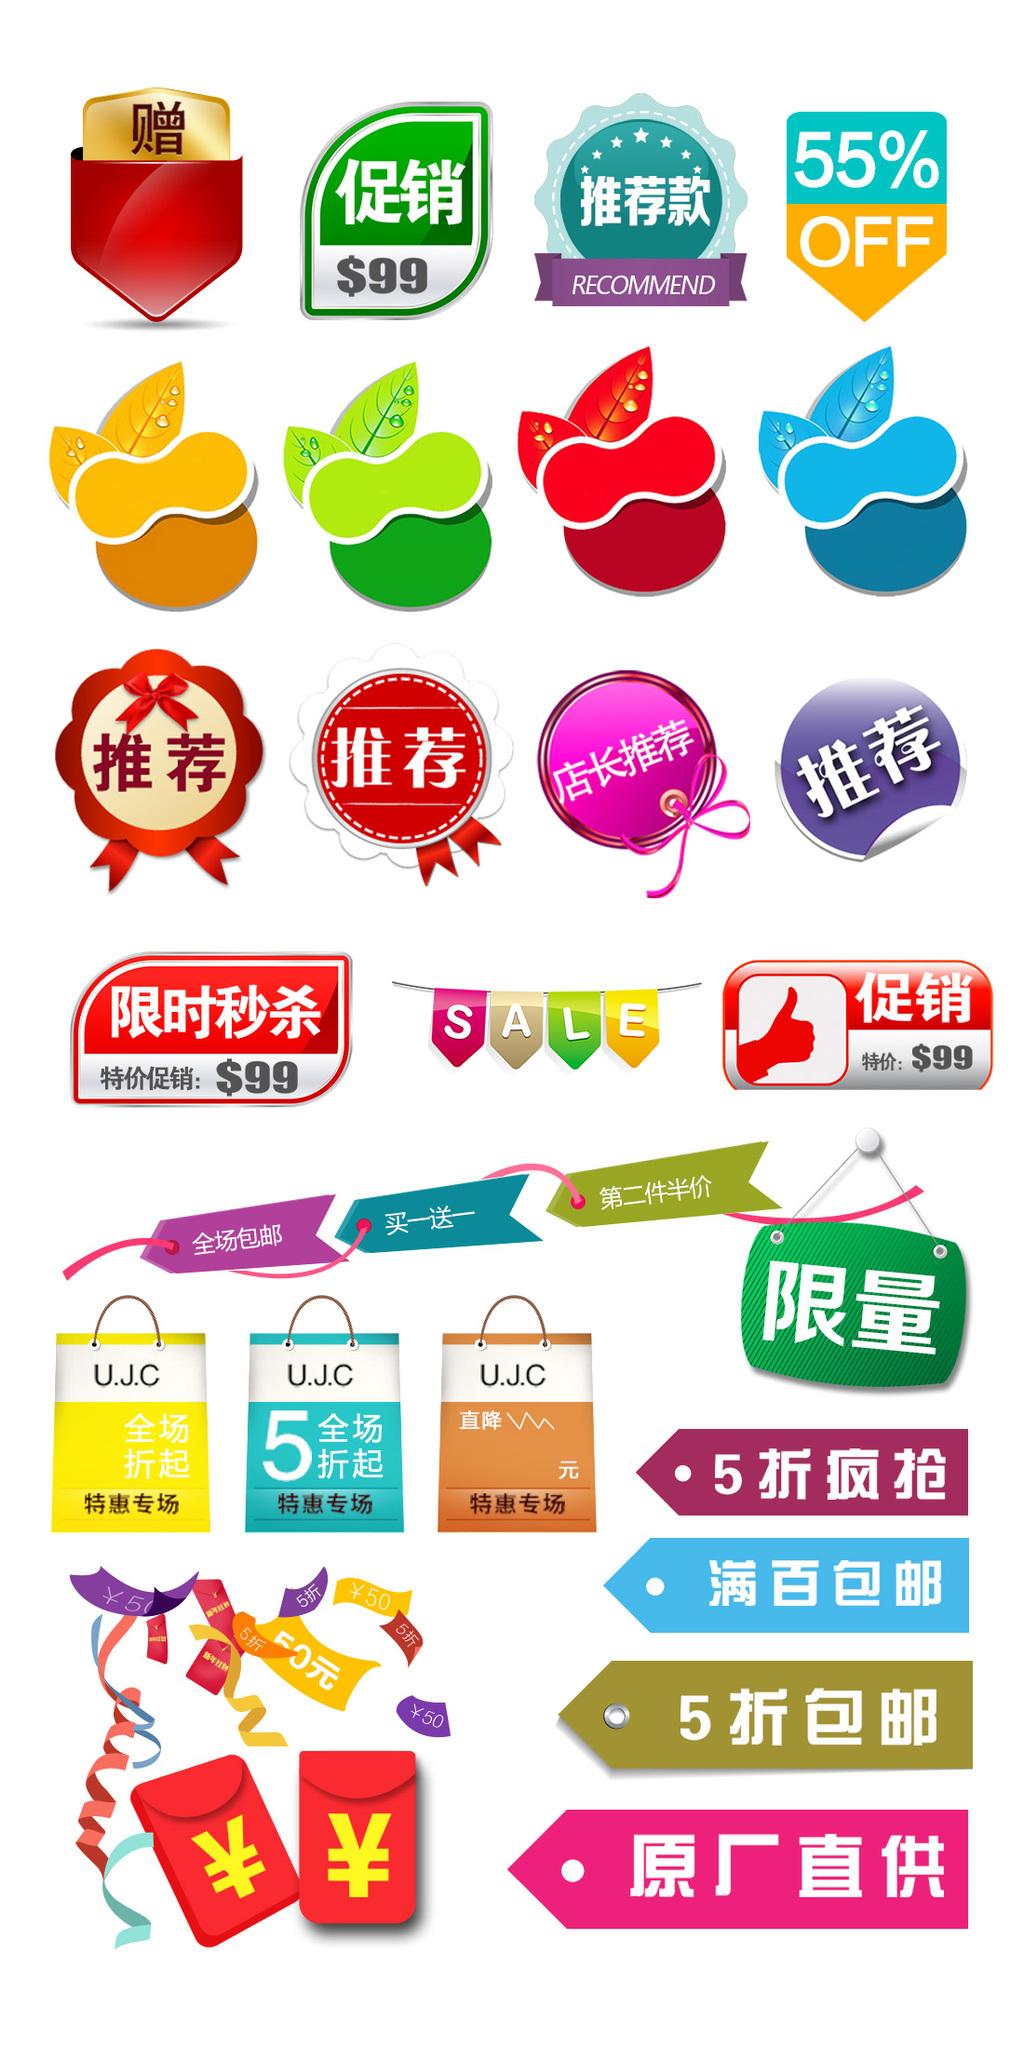 淘宝天猫促销折扣标签图标素材图片素材 PSD分层格式 下载 促销标签大全